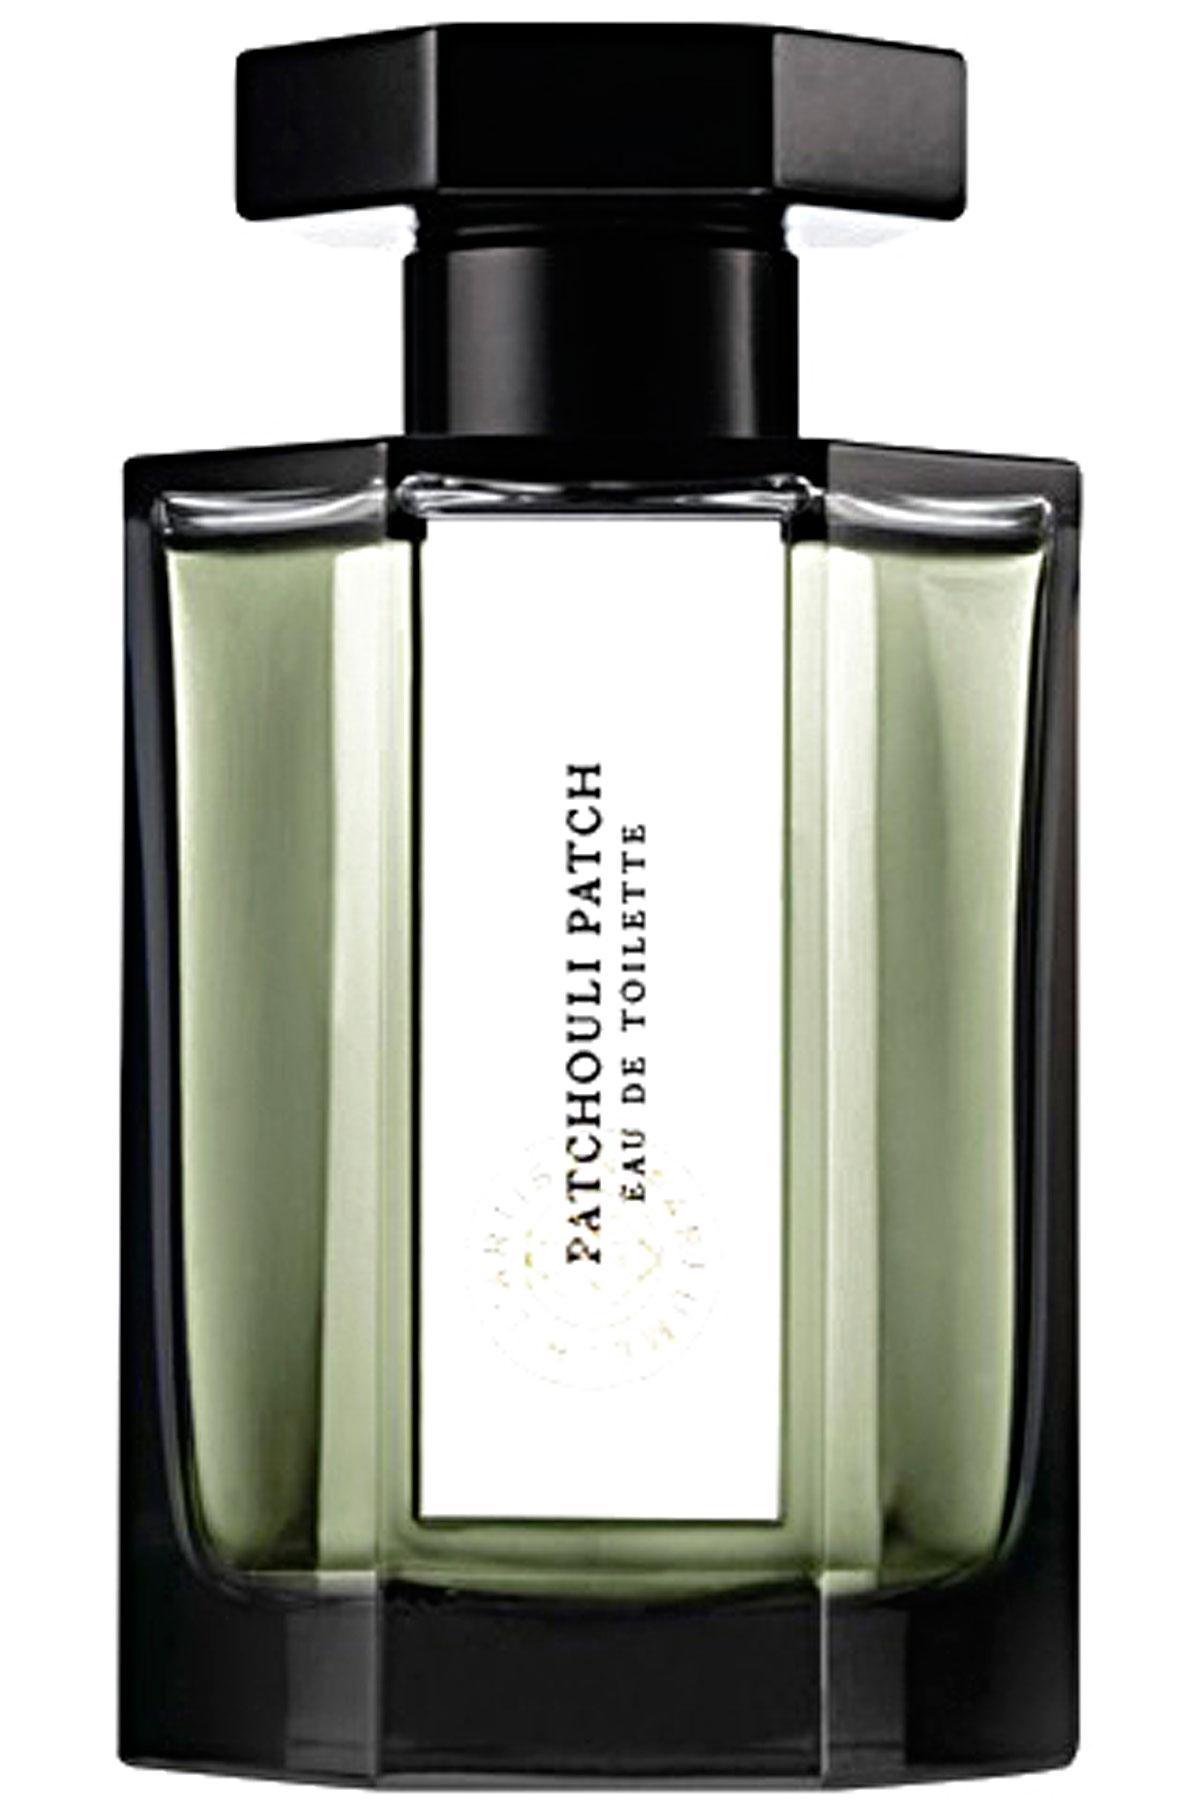 Artisan Parfumeur Fragrances for Men, Patchouli Patch - Eau De Toilette - 10 Ml, 2019, 100 ml